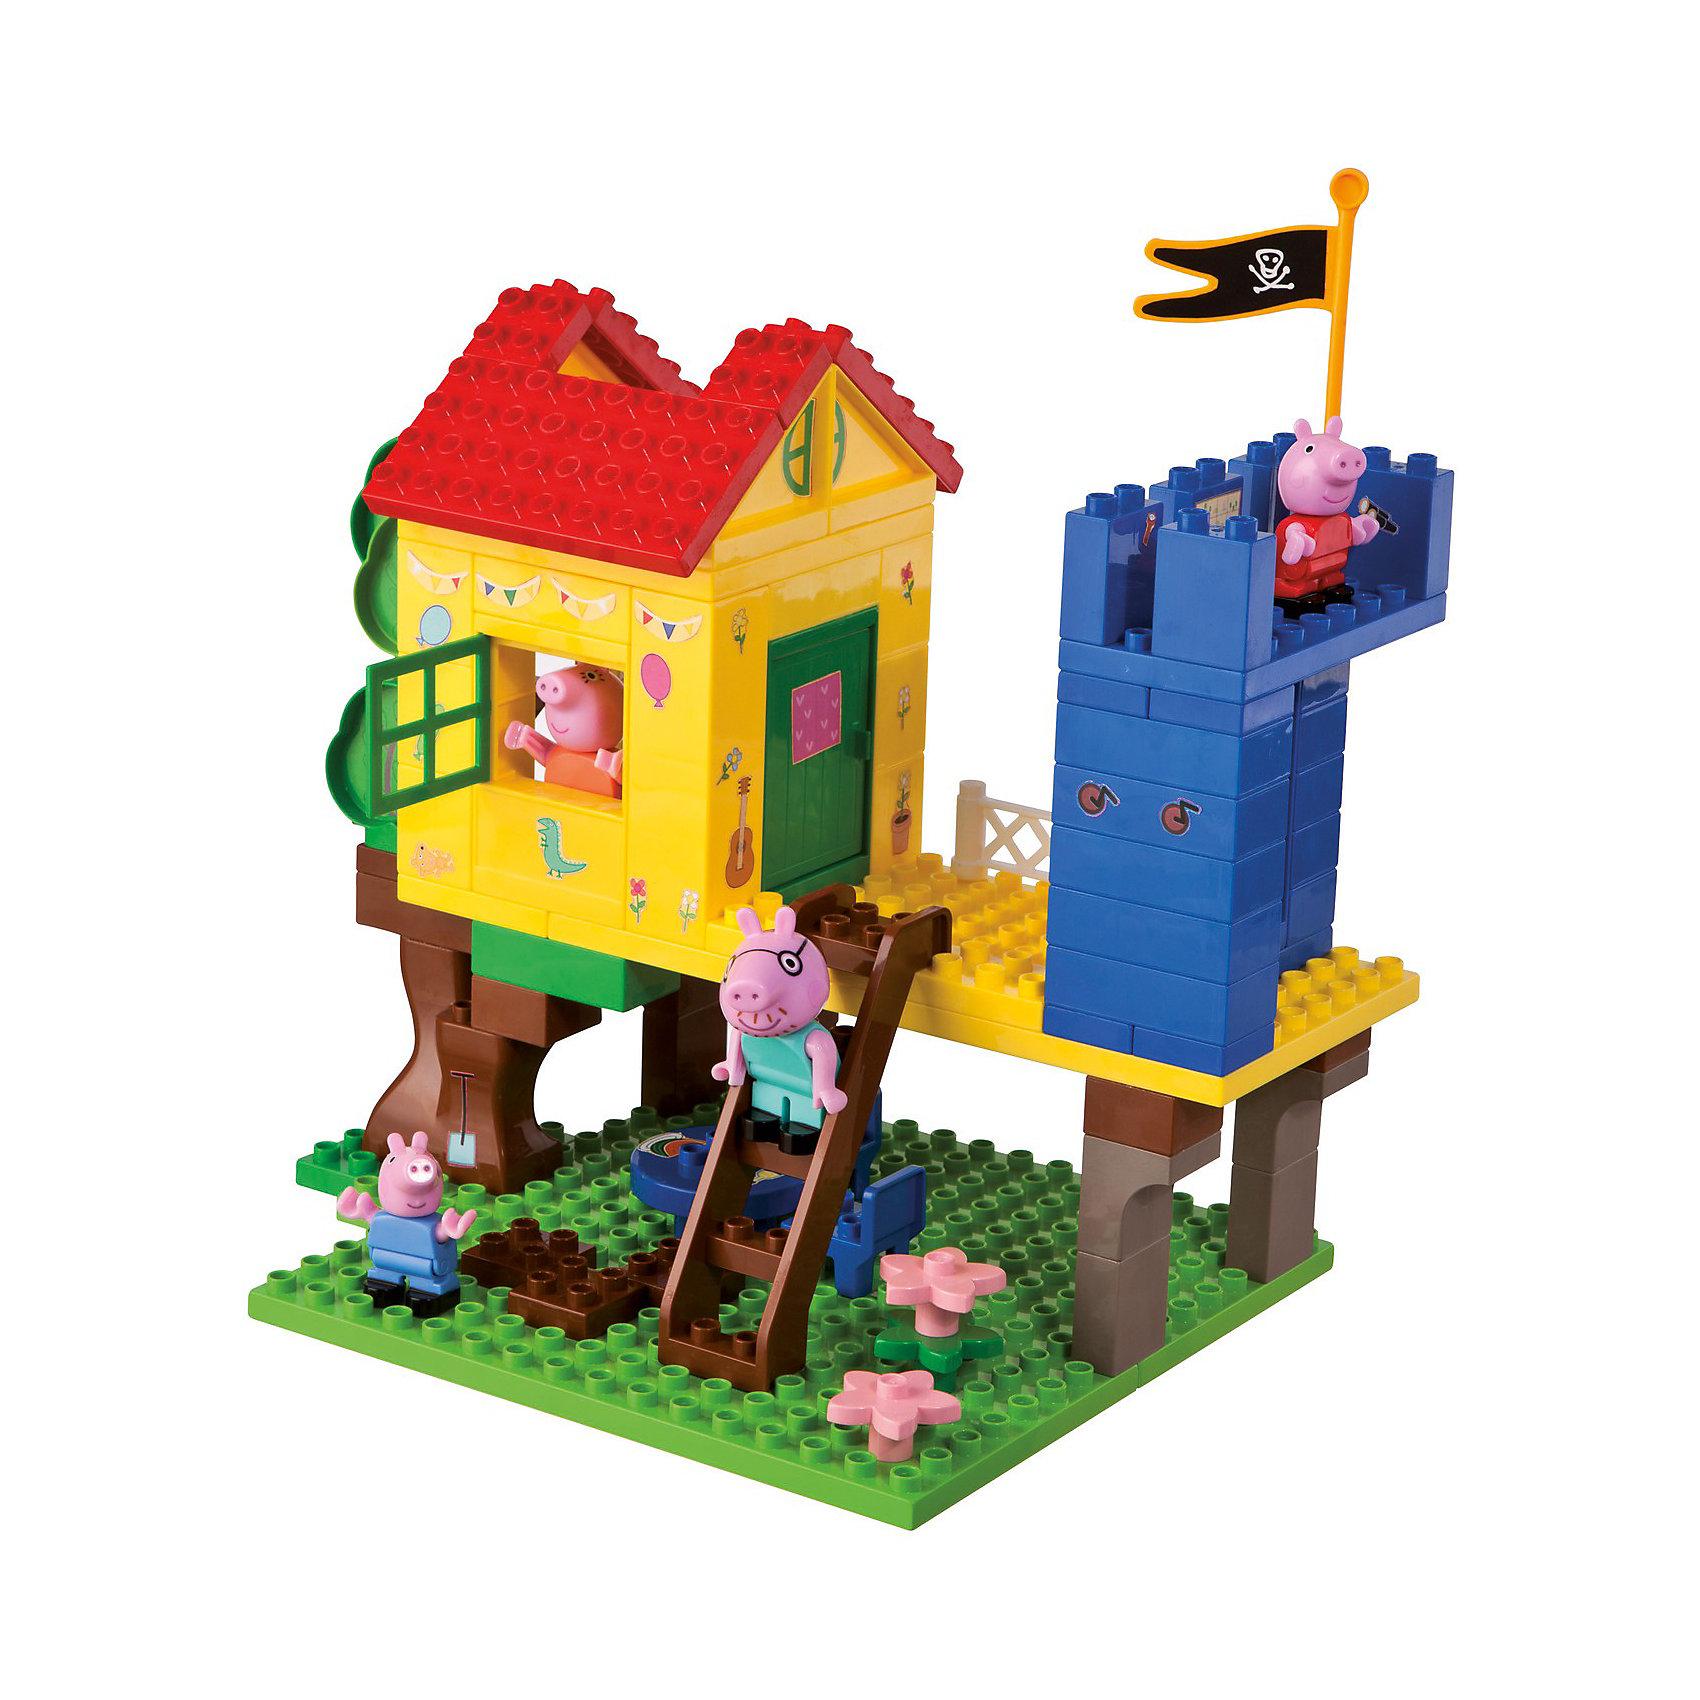 Конструктор Дом на дереве, Свинка Пеппа, 94 деталейПластмассовые конструкторы<br>Конструктор Дом на дереве, Свинка Пеппа представляет собой уютный маленький домик на дереве. Маленький домик на дереве - мечта любого ребенка! Построй этот дом вместе с Пеппой и играй с маленькими свинками. Под деревом, в тени дома, имеется прекрасная обеденная площадка со столом и стульями. На втором этаже - сам домик и уютная открытая веранда, на которой располагается часть настоящего замка с пиратским флагом. Детали конструктора имеют размер, идеально подходящий для маленьких детских ручек. Изготовлены из высококачественного пластика, не имеют острых углов, безопасны для ребенка. Благодаря хорошо проработанным креплениям, конструктор легко собирается и разбирается, детали быстро и прочно крепятся друг к другу. Игра с конструктором развивает  творческие способности, мелкую моторику, навыки конструирования, внимание.<br><br>Дополнительная информация:<br><br>- Комплектация: дом, фигурки свинок ( 4 шт.), панель, на которую крепятся детали, стена замка, домик, дерево, стол, стулья, предметы интерьера и декора.<br>- Количество деталей: 94 шт.<br>- Материал: пластик<br>- Размеры коробки: 55.5 x 33 x 9.7 см.<br>- Детали совместимы с Lego Duplo<br><br><br>Конструктор Дом на дереве, Свинка Пеппа (Peppa Pig) можно купить в нашем магазине.<br><br>Ширина мм: 560<br>Глубина мм: 332<br>Высота мм: 109<br>Вес г: 1683<br>Возраст от месяцев: 18<br>Возраст до месяцев: 36<br>Пол: Унисекс<br>Возраст: Детский<br>SKU: 3787589